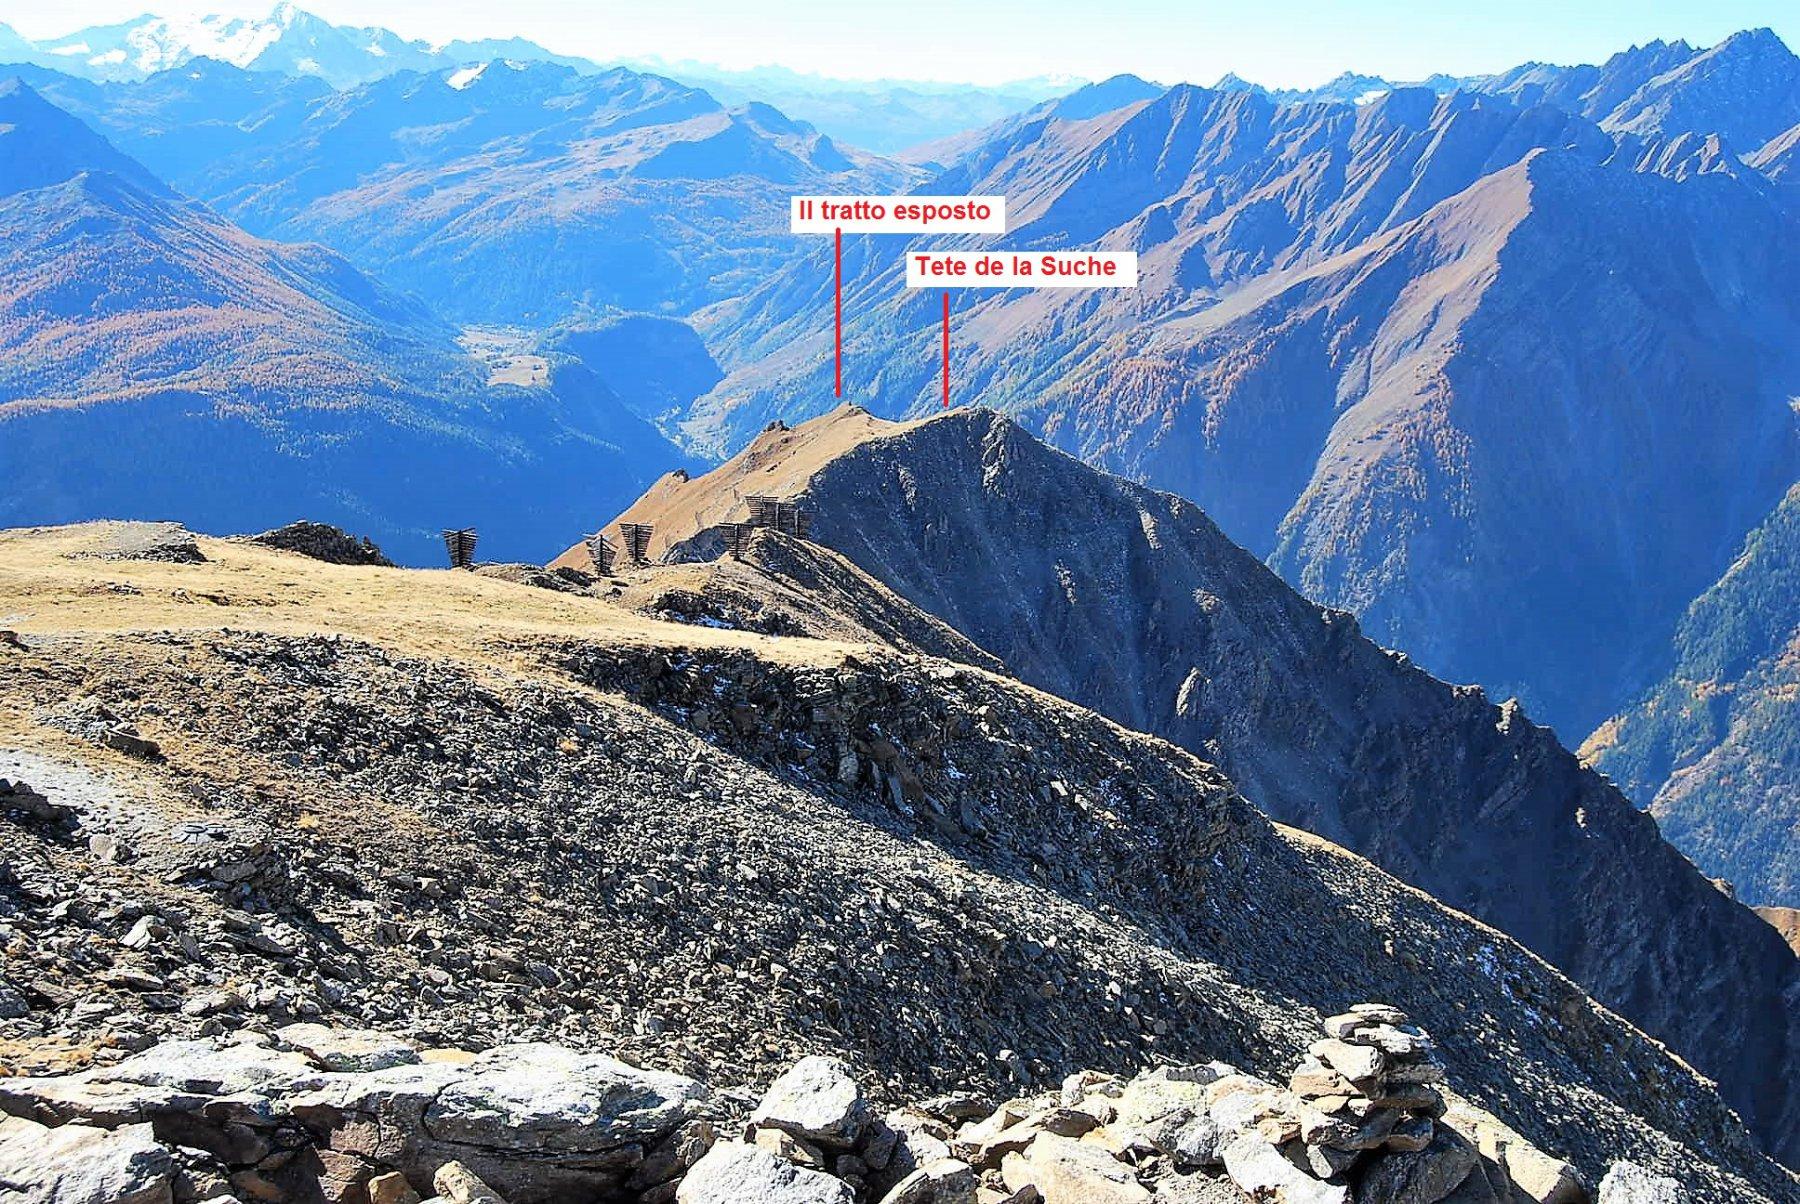 Vista dalla vetta, la cresta per la Tete de la Suche